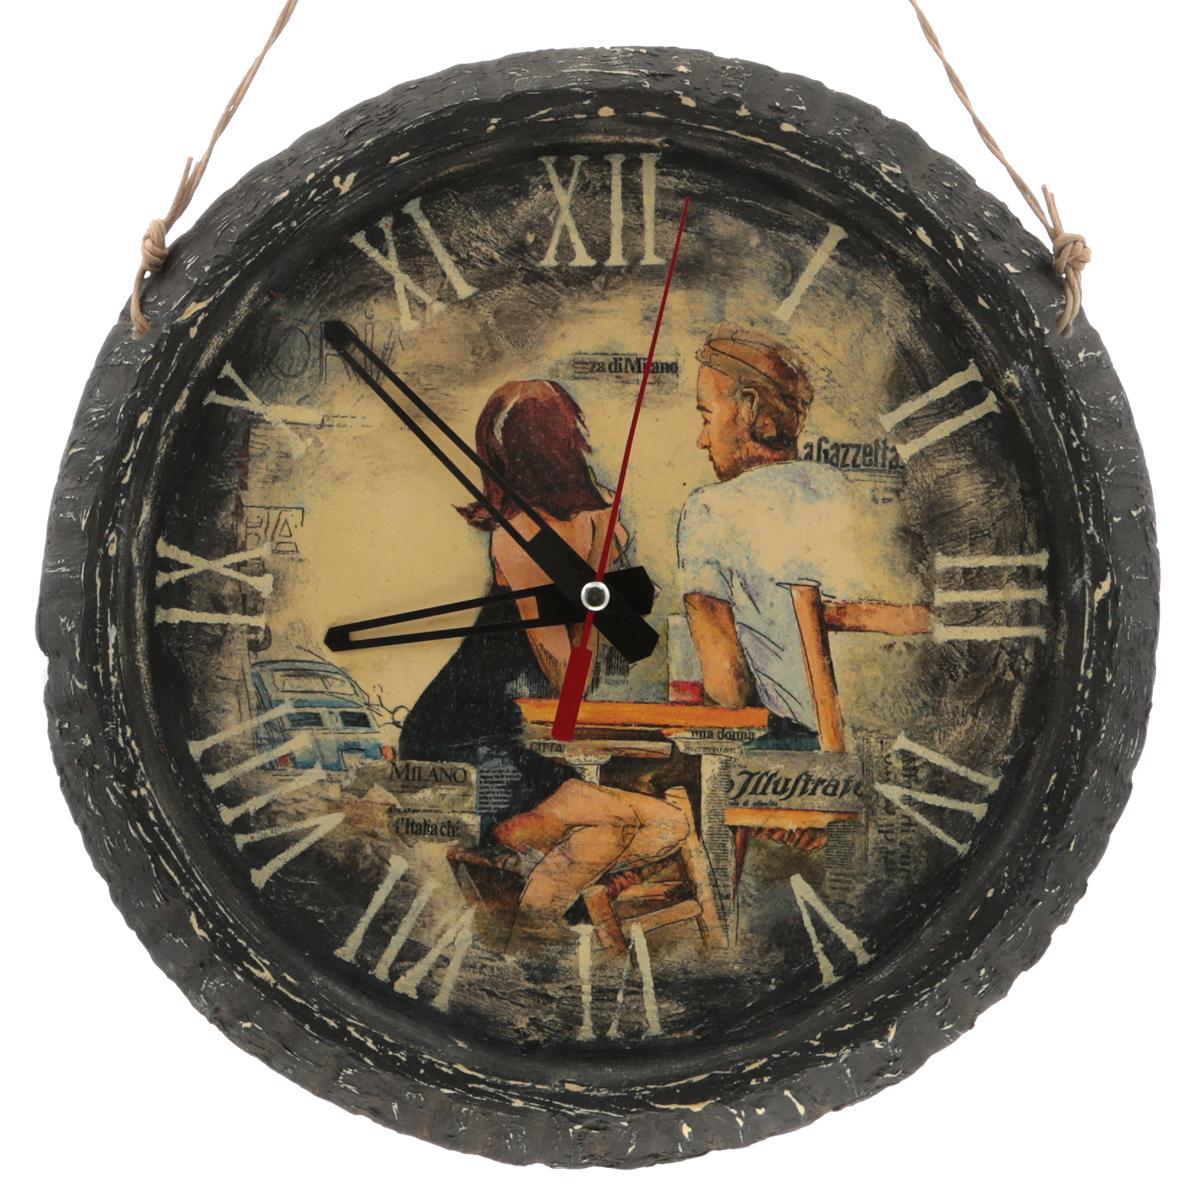 """Часы """"Романтика"""". Авторская работа. Гипс, акрил. Техника: декупаж. Диаметр 25 см.  Часы работают на батарейке формата АА, 1 шт. (не входит в комплект).   Часы """"Романтика""""- эта уникальная авторская вещь хранит творческую энергию создателя, и,   получив ее в домашнюю коллекцию, Вы ощутите не только гордость обладателя раритета, но и   чувство сопричастности тому мгновению, в которое родилось произведение и наглядно   убедитесь, что миг неповторим!    Уважаемые клиенты! Изделие, выполненное под заказ, может незначительно отличаться от фотографии, общий вид остается."""